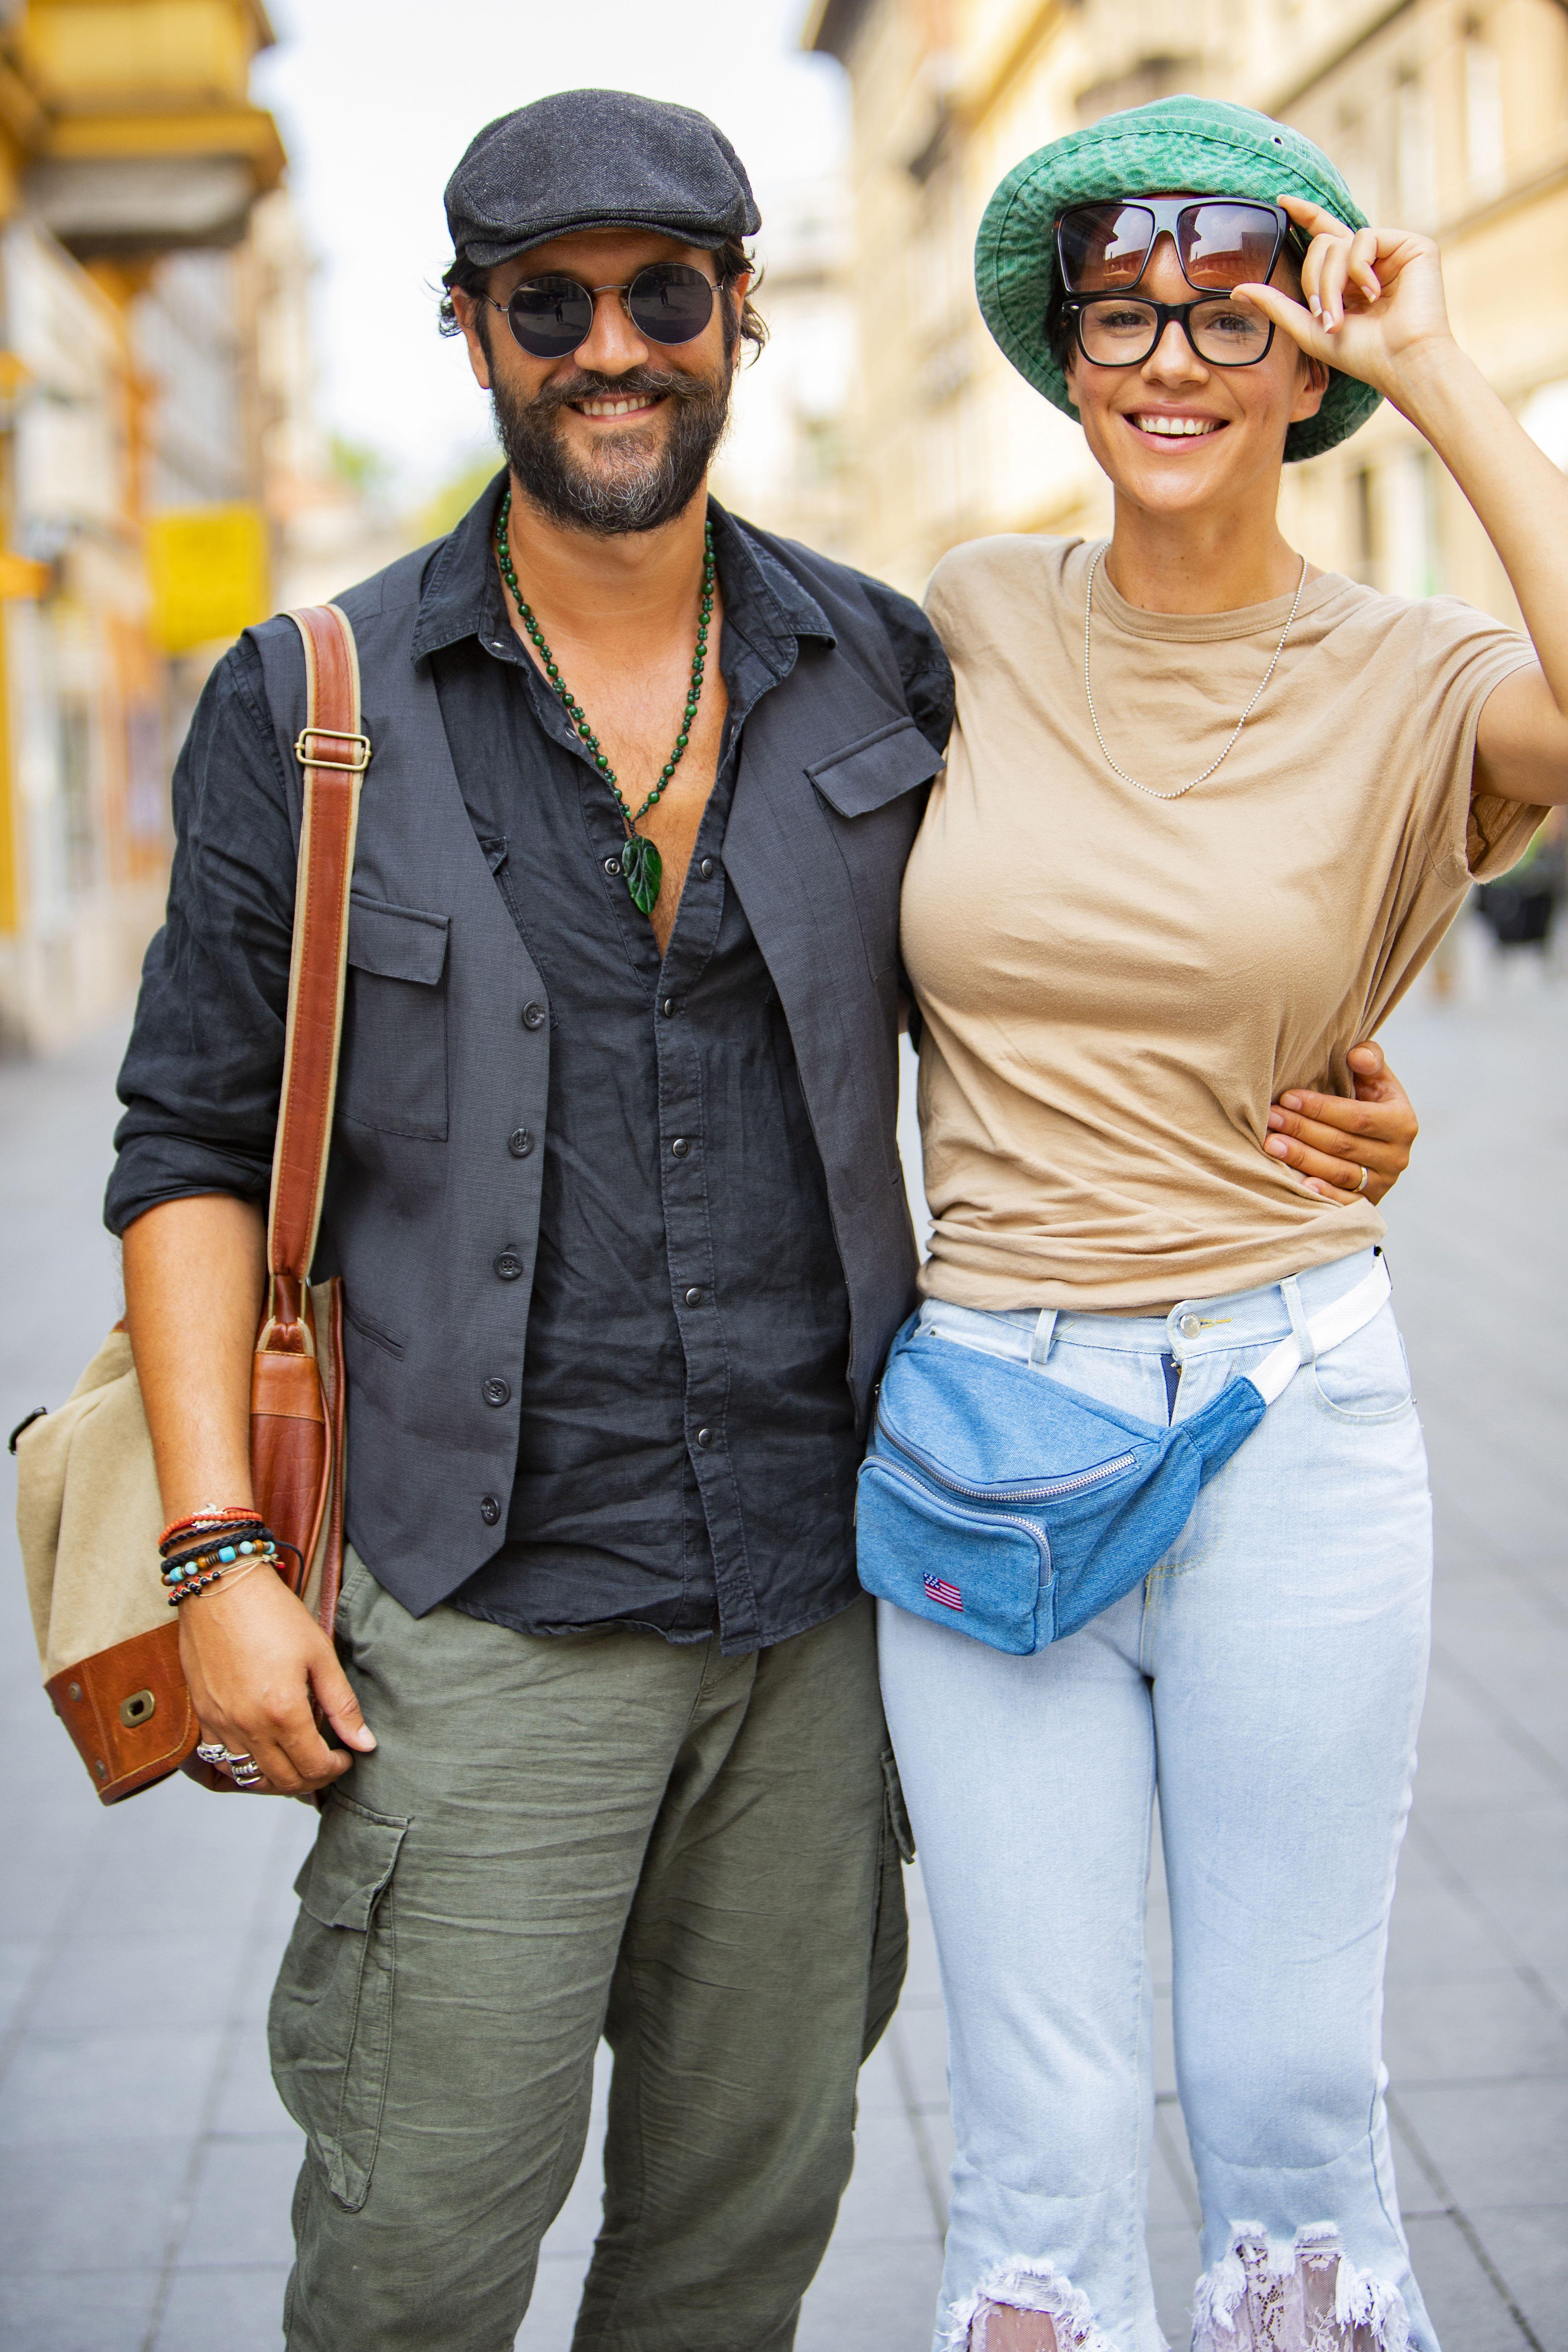 Poznati glumački par u stylish izdanju: Njene neobične traperice odmah privlače pažnju